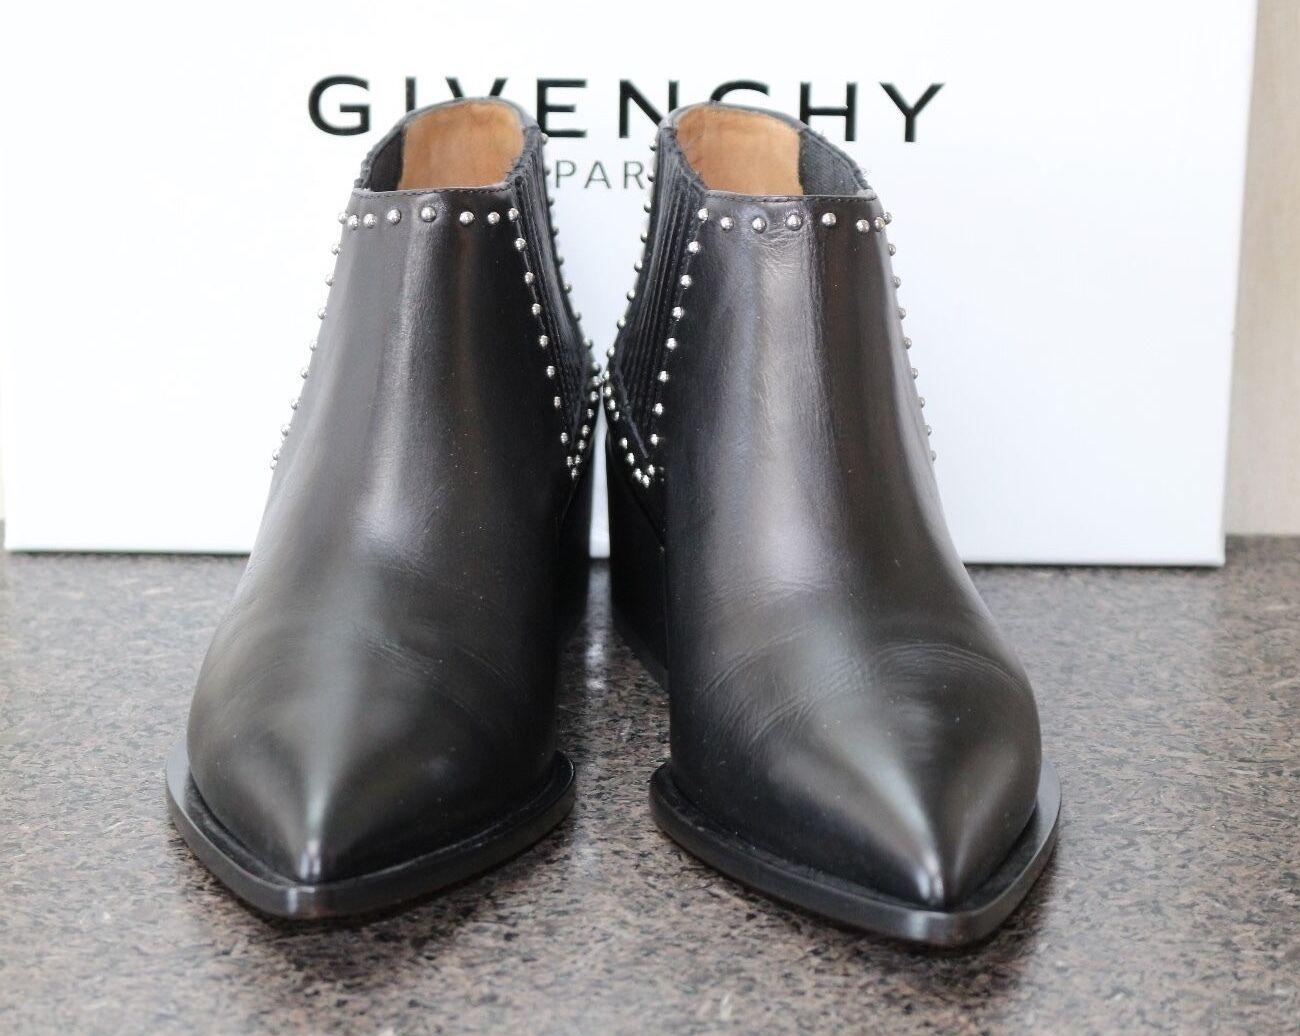 Nuevo En En En Caja Givenchy Tachonado Pointy negro Cuero tire de Zapatos botas al tobillo Botines 37.5 2ce9c6